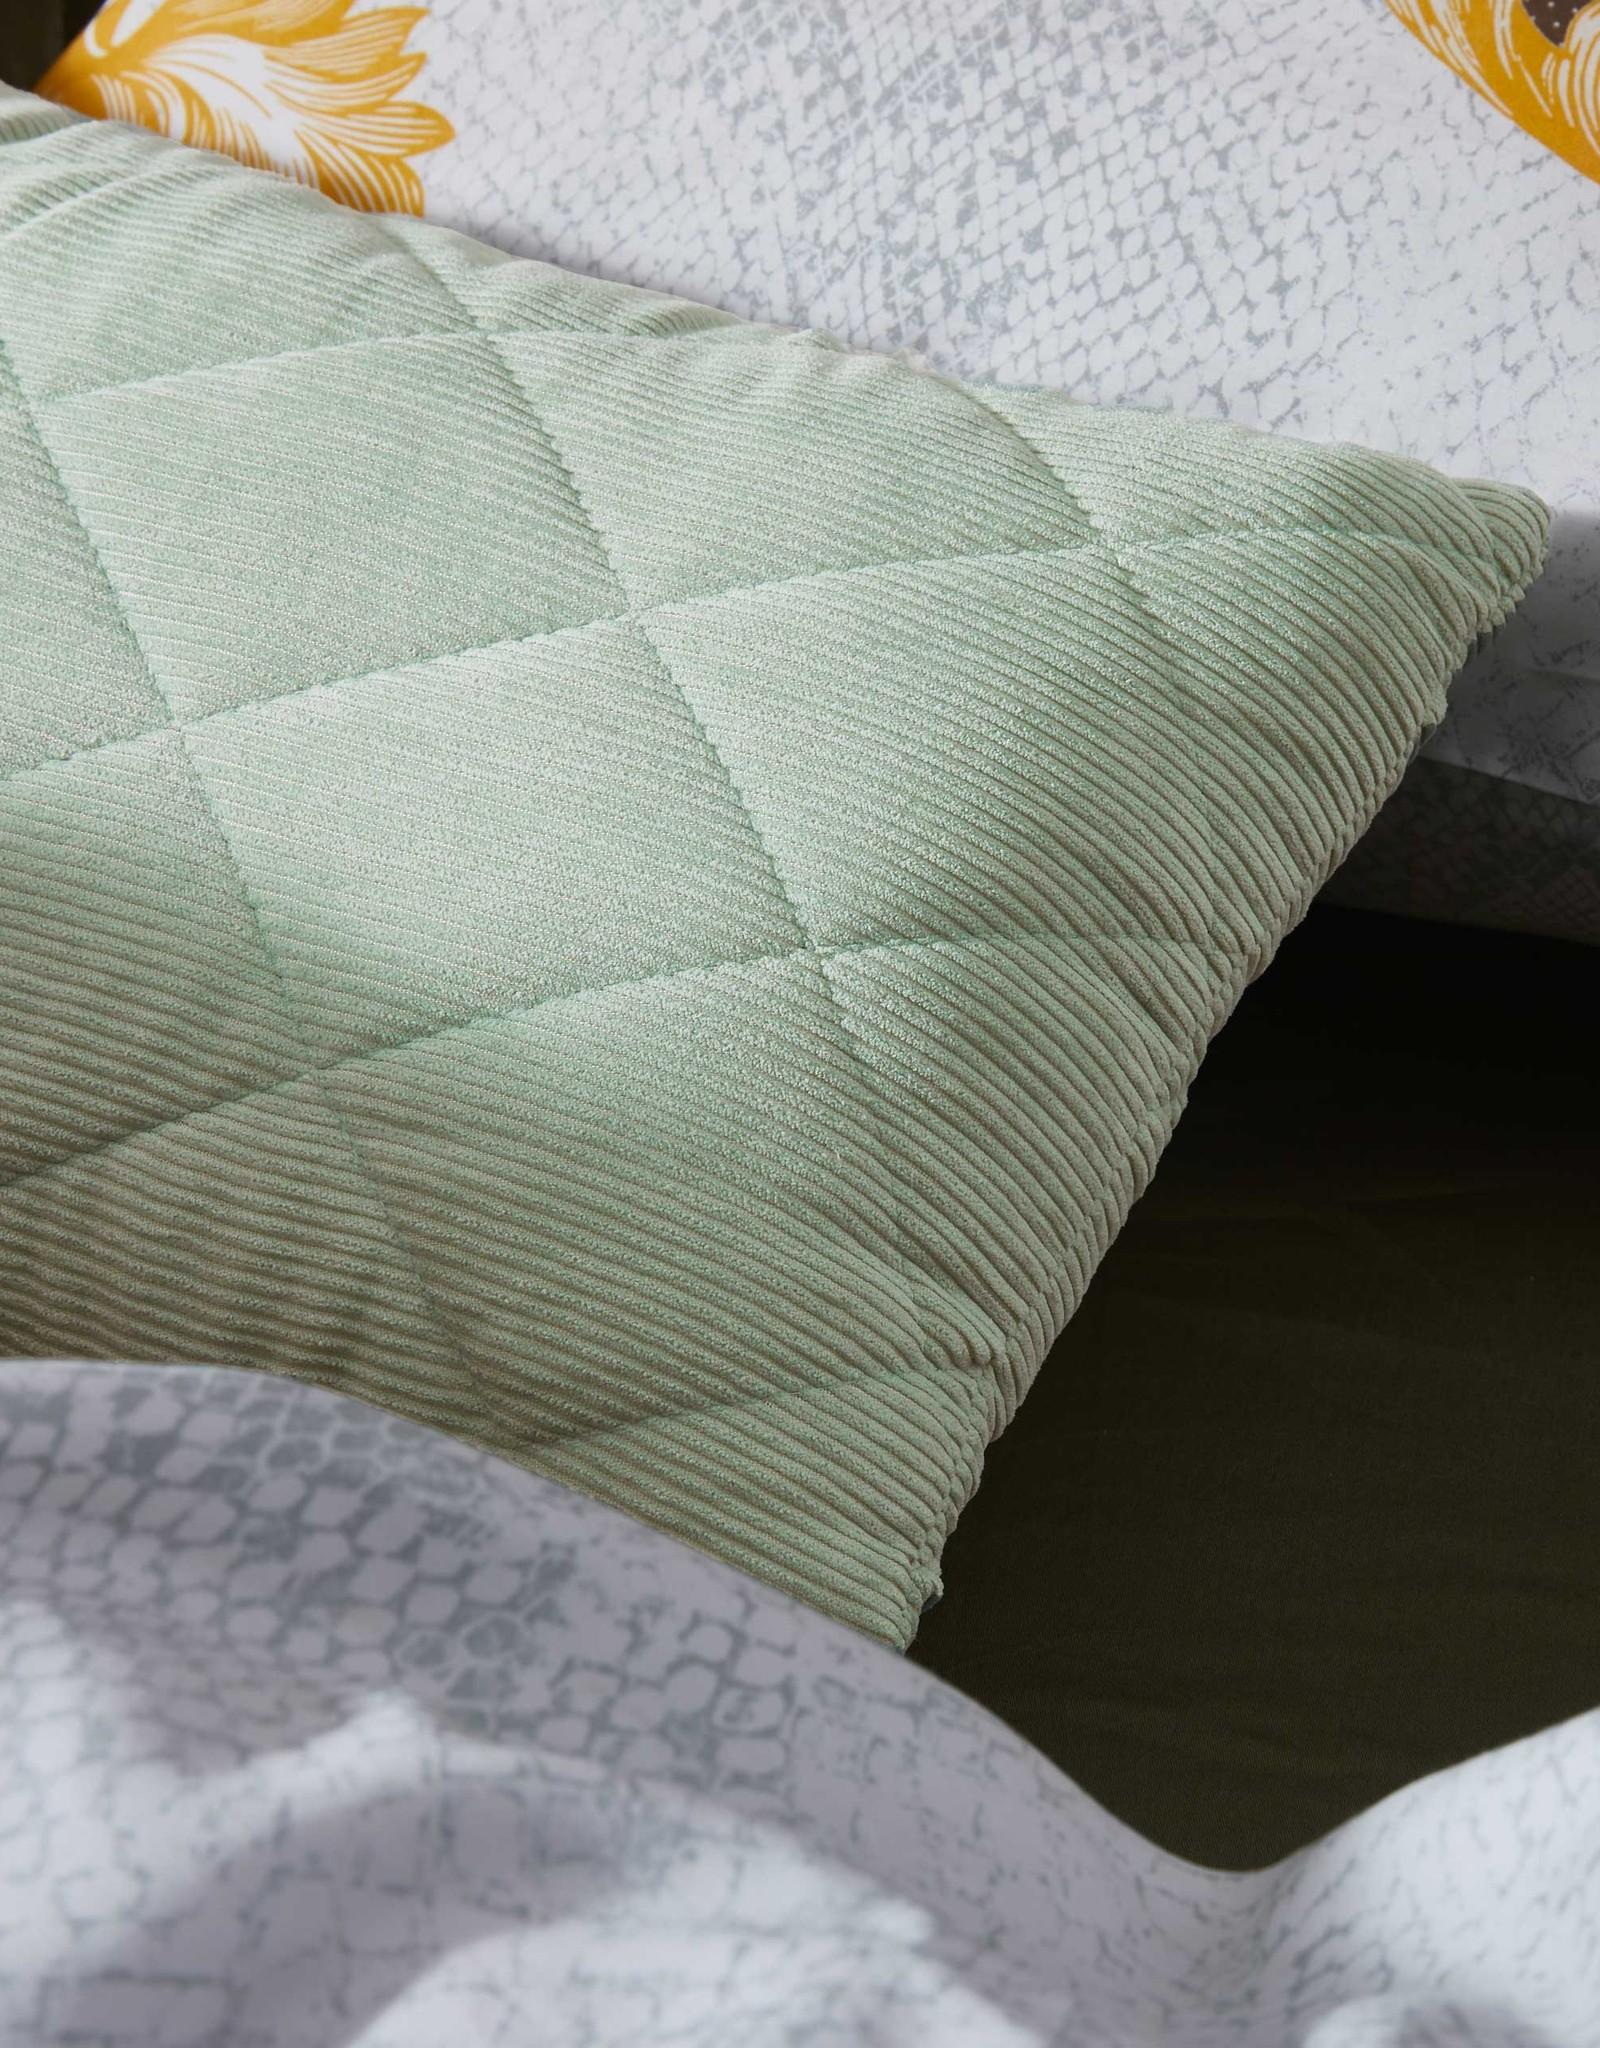 Essenza Kussen Billie 30 x 50 - frosty mint